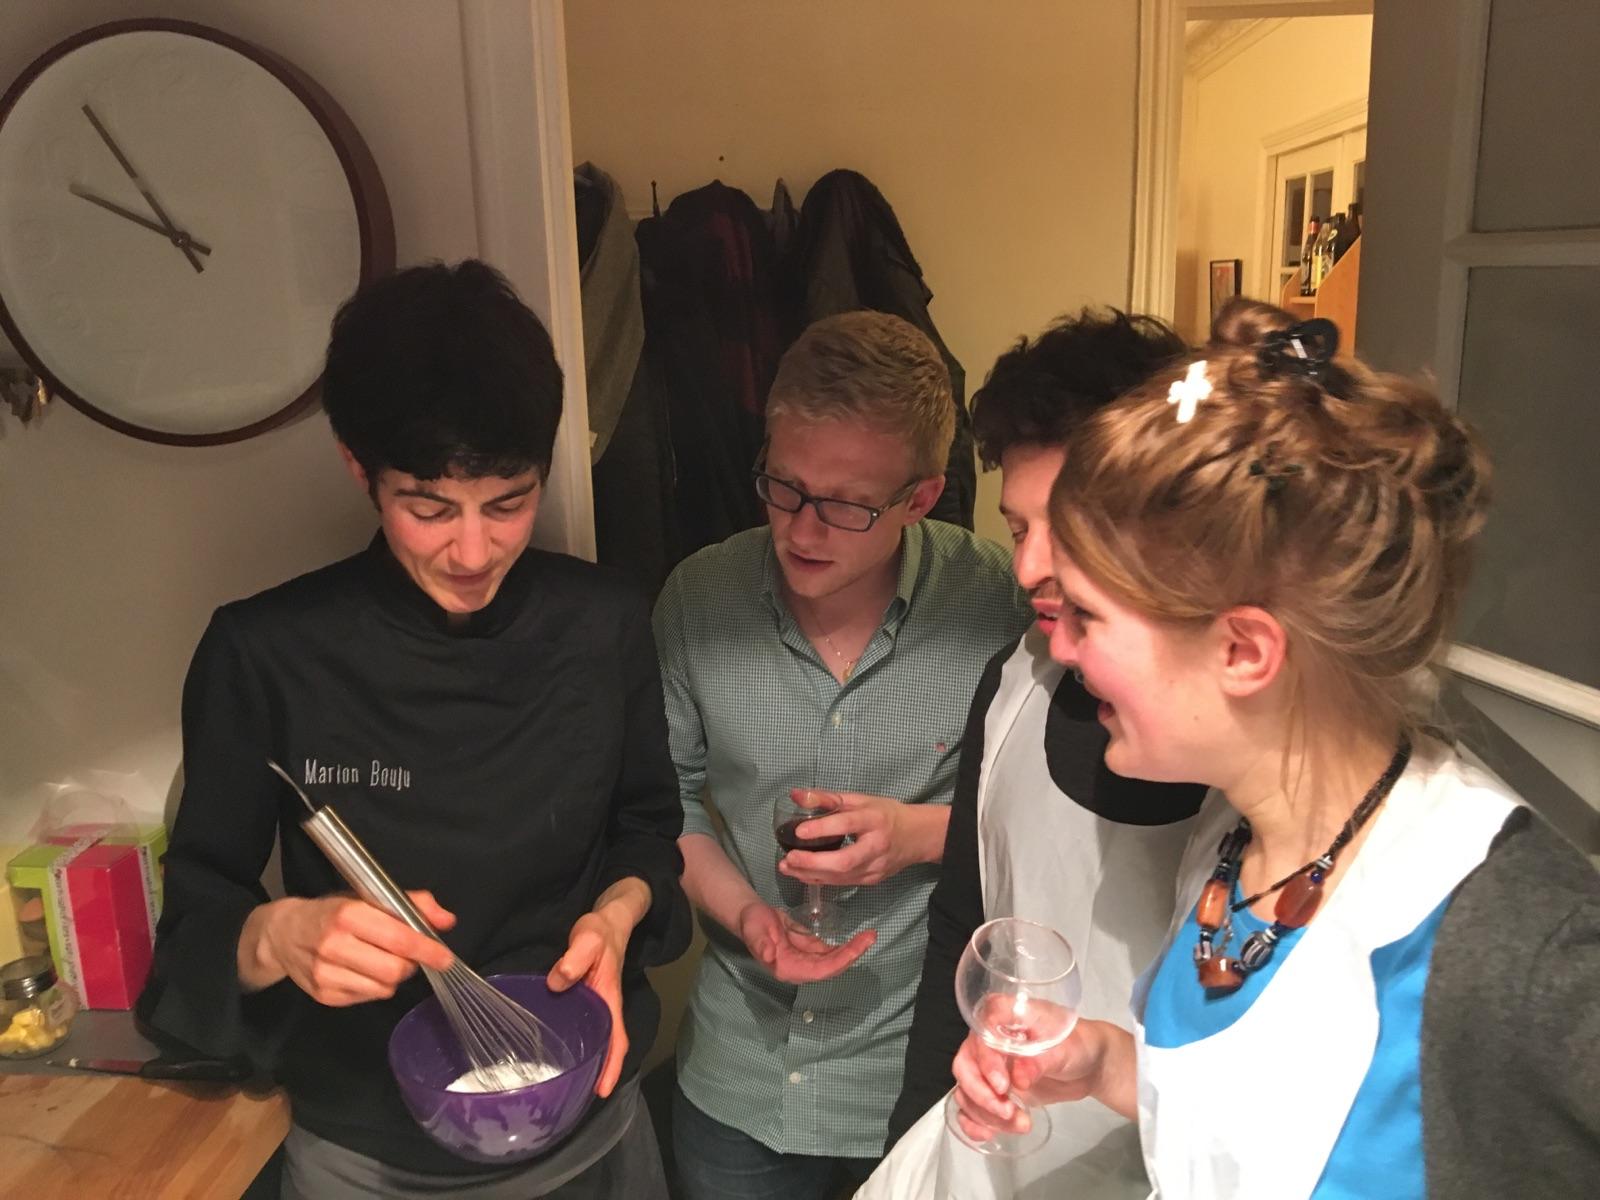 Une soir e entre amis autour d 39 un atelier de cuisine c for Menu soiree entre amis